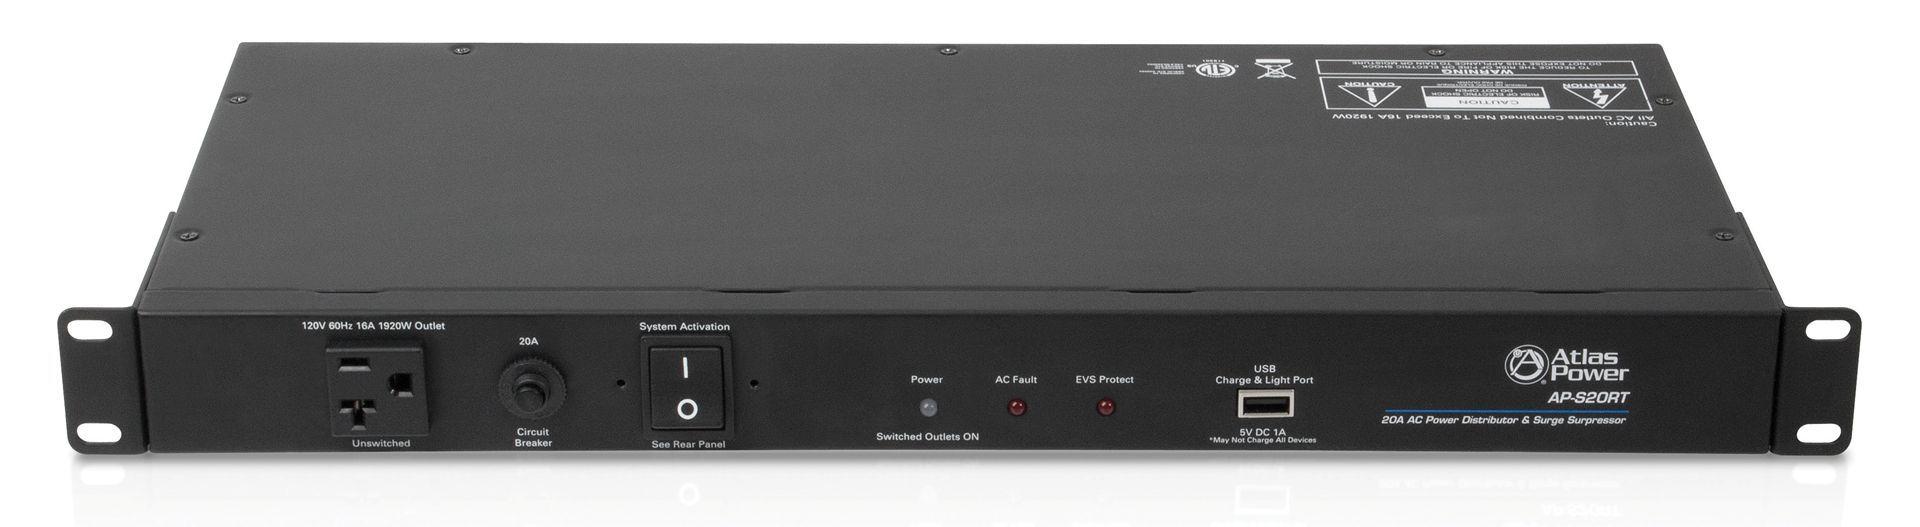 20a Ac Power Distribution Suppressor W Remote Atlasied